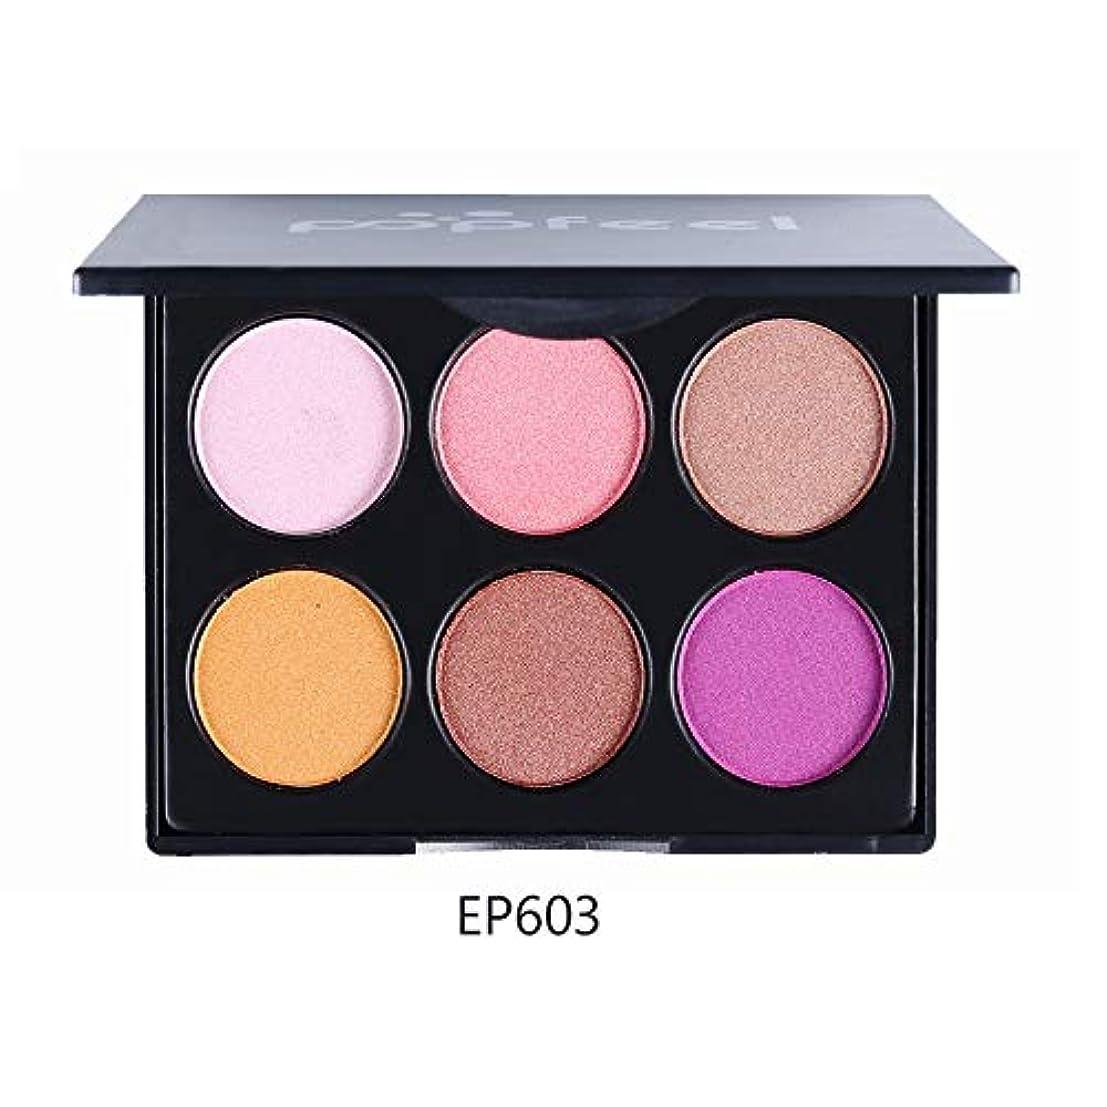 多様なホールドオールエアコンRabugogo 6色マルチカラーアイシャドウパレットビーズマットアイシャドウ化粧品メイクアップ EP6#3